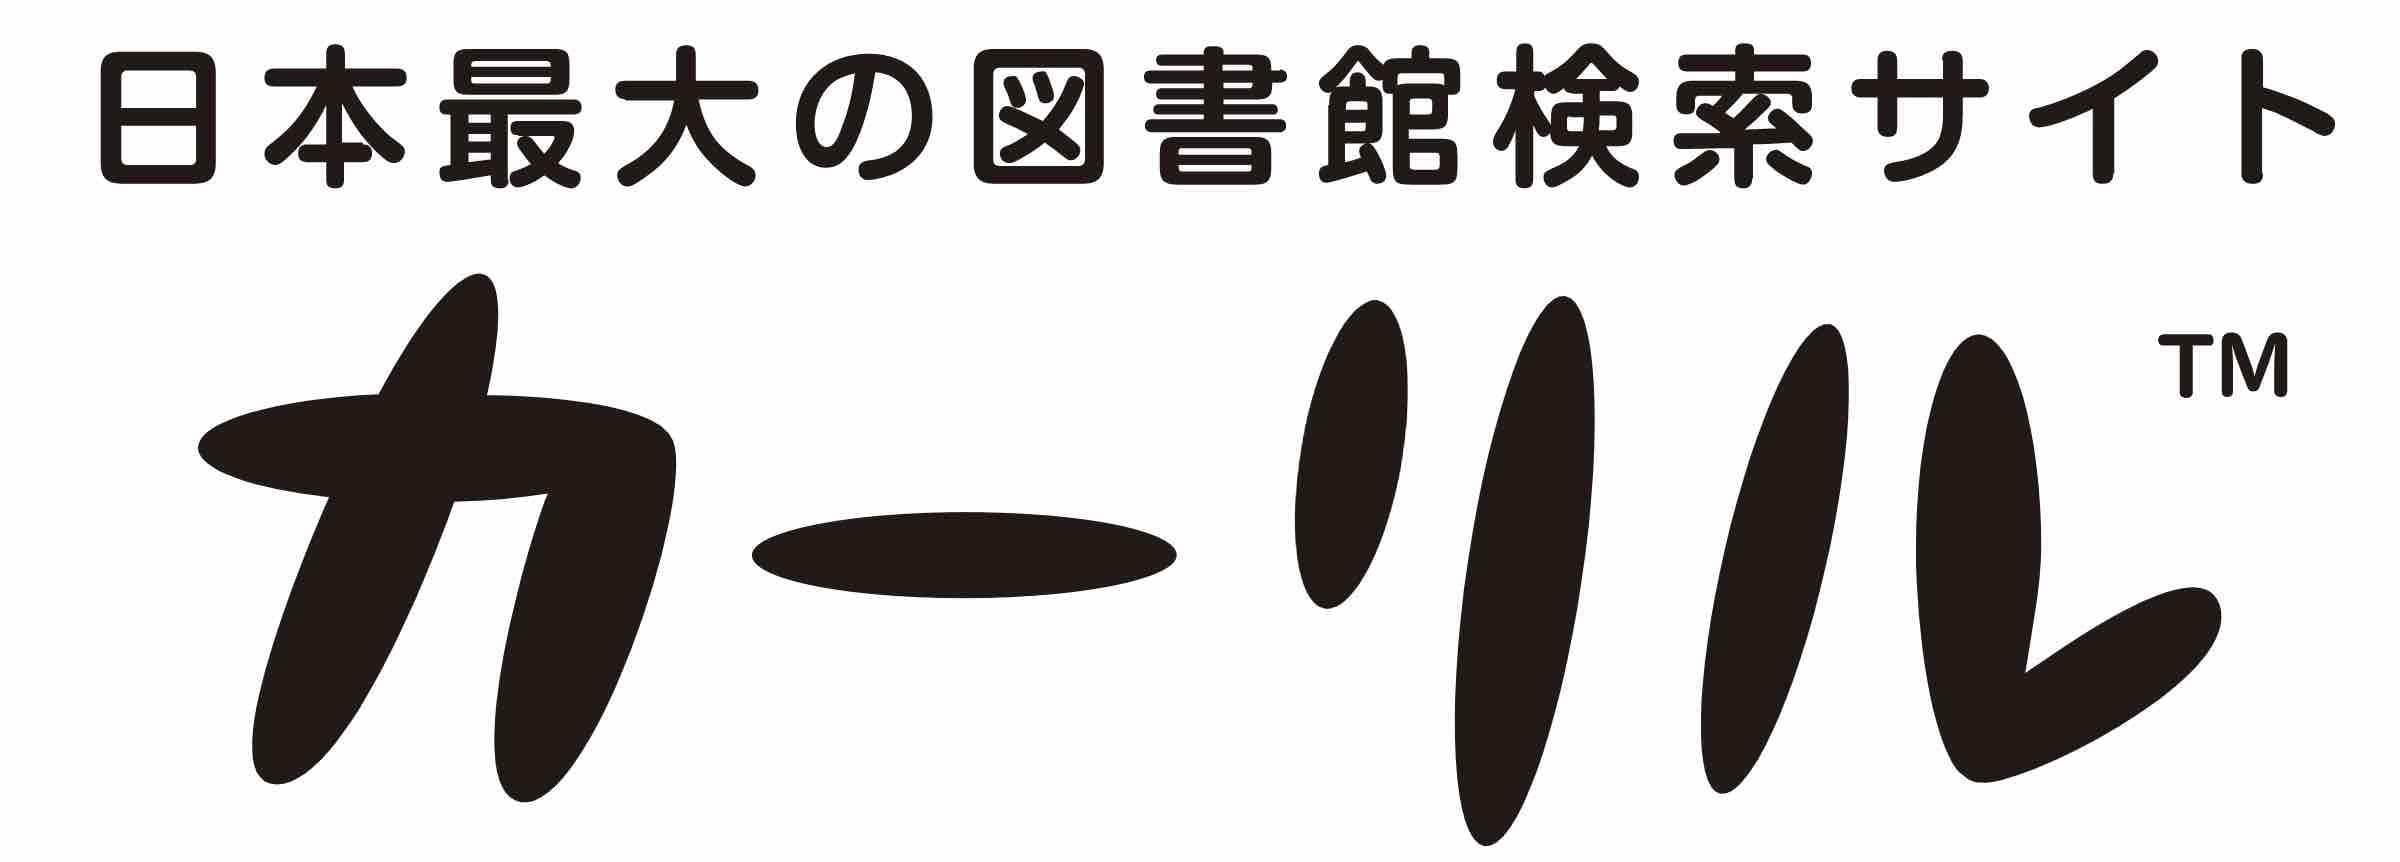 都道府県別に本と図書館を横断検索するサイト「カーリル」で菅原茂氏の著作集を一括検索できます。